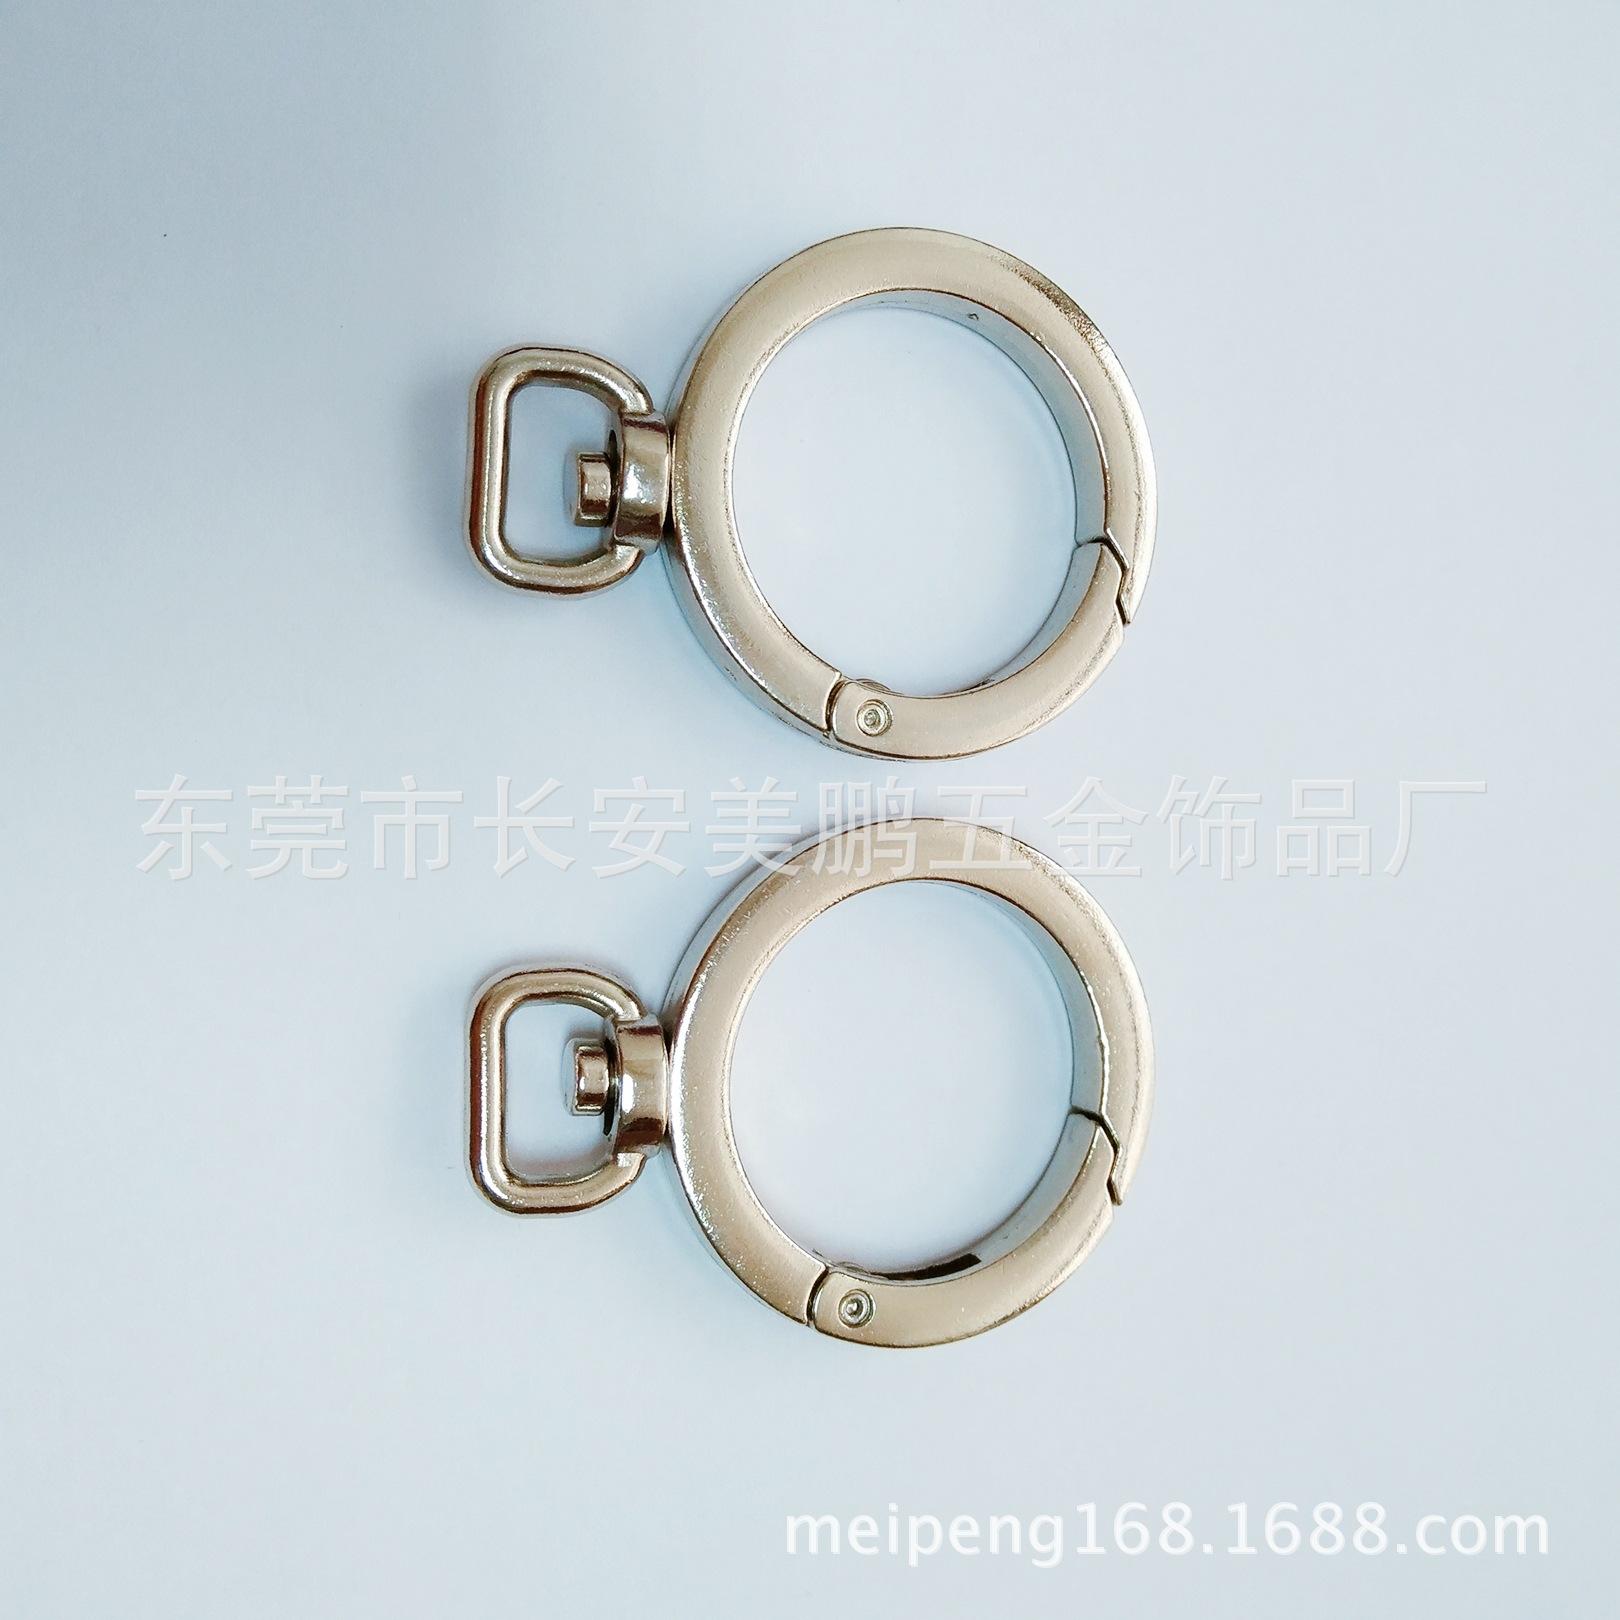 厂家现货供应镍色锌合金圆形弹簧扣 高档饰品圆圈圆环扣登山扣